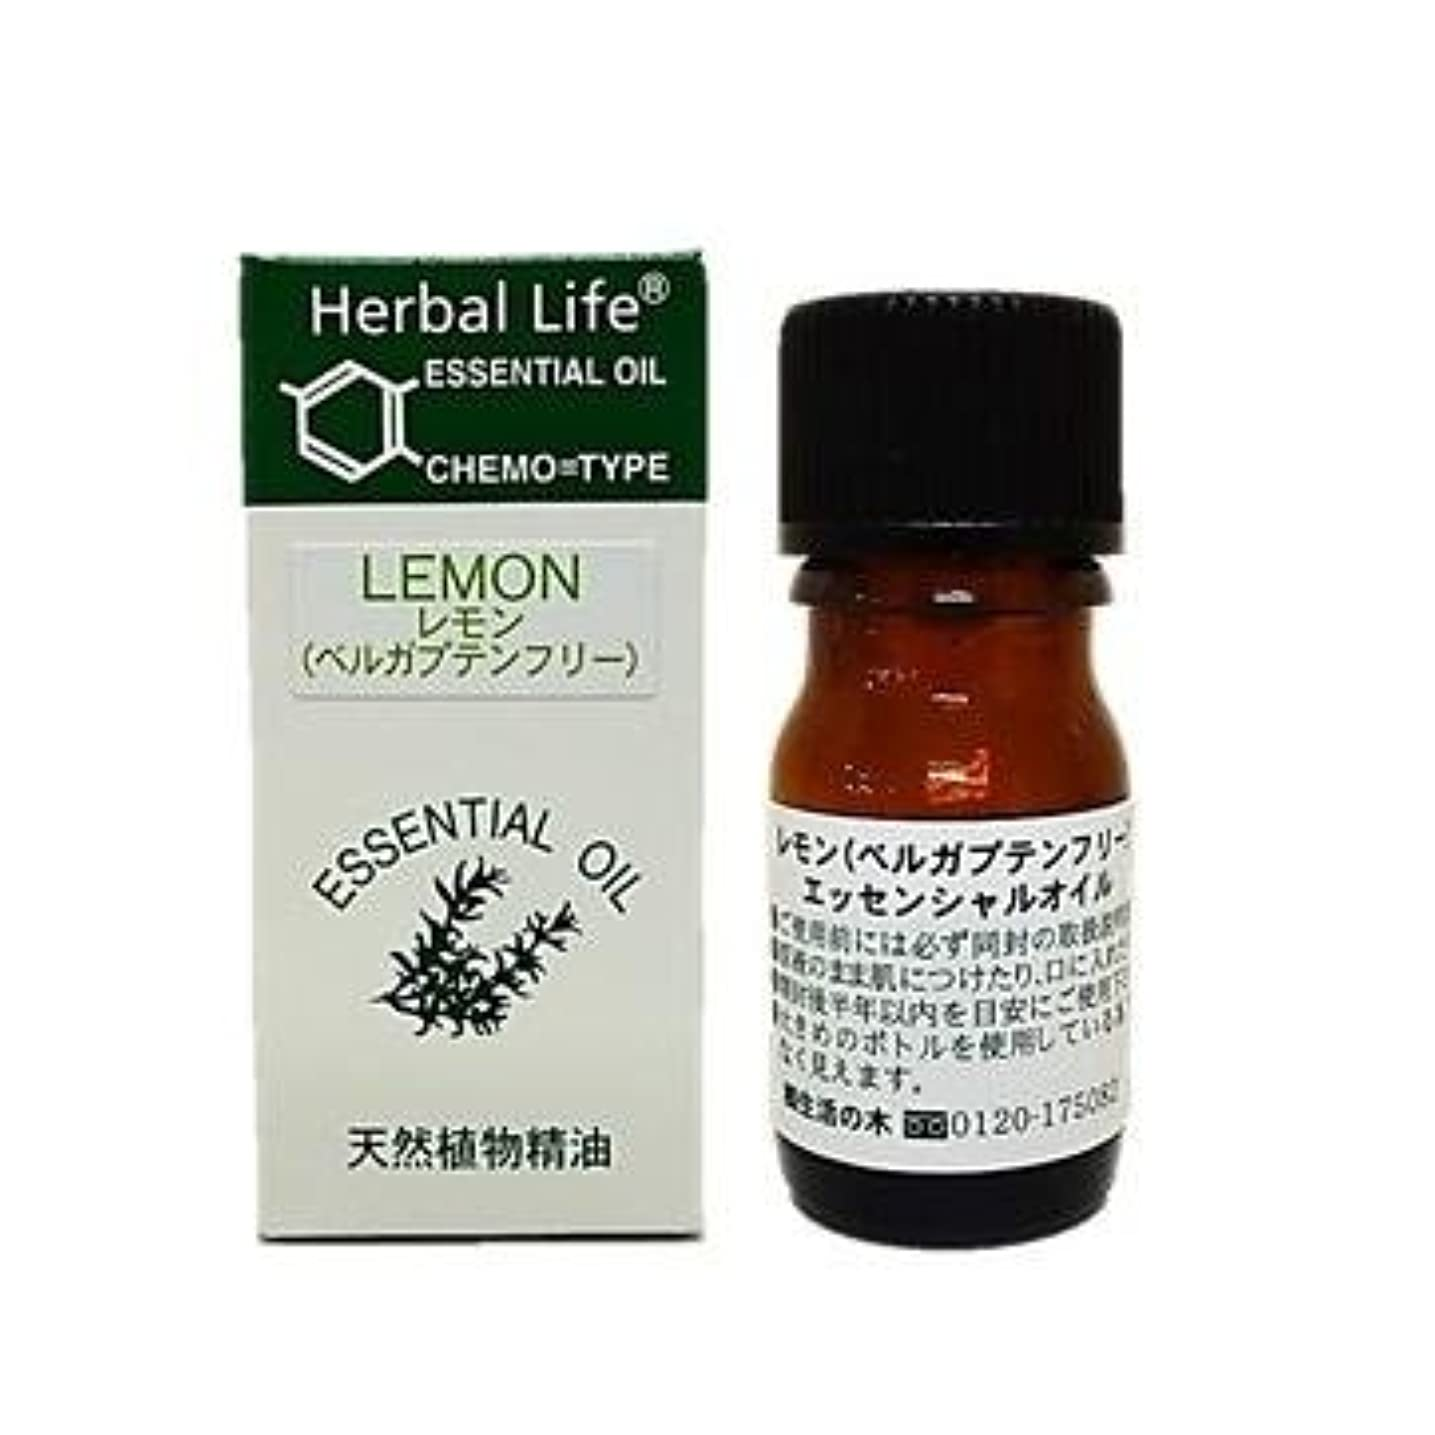 意味のある段階反対する生活の木 レモン(フロクマリンフリー)3ml エッセンシャルオイル/精油